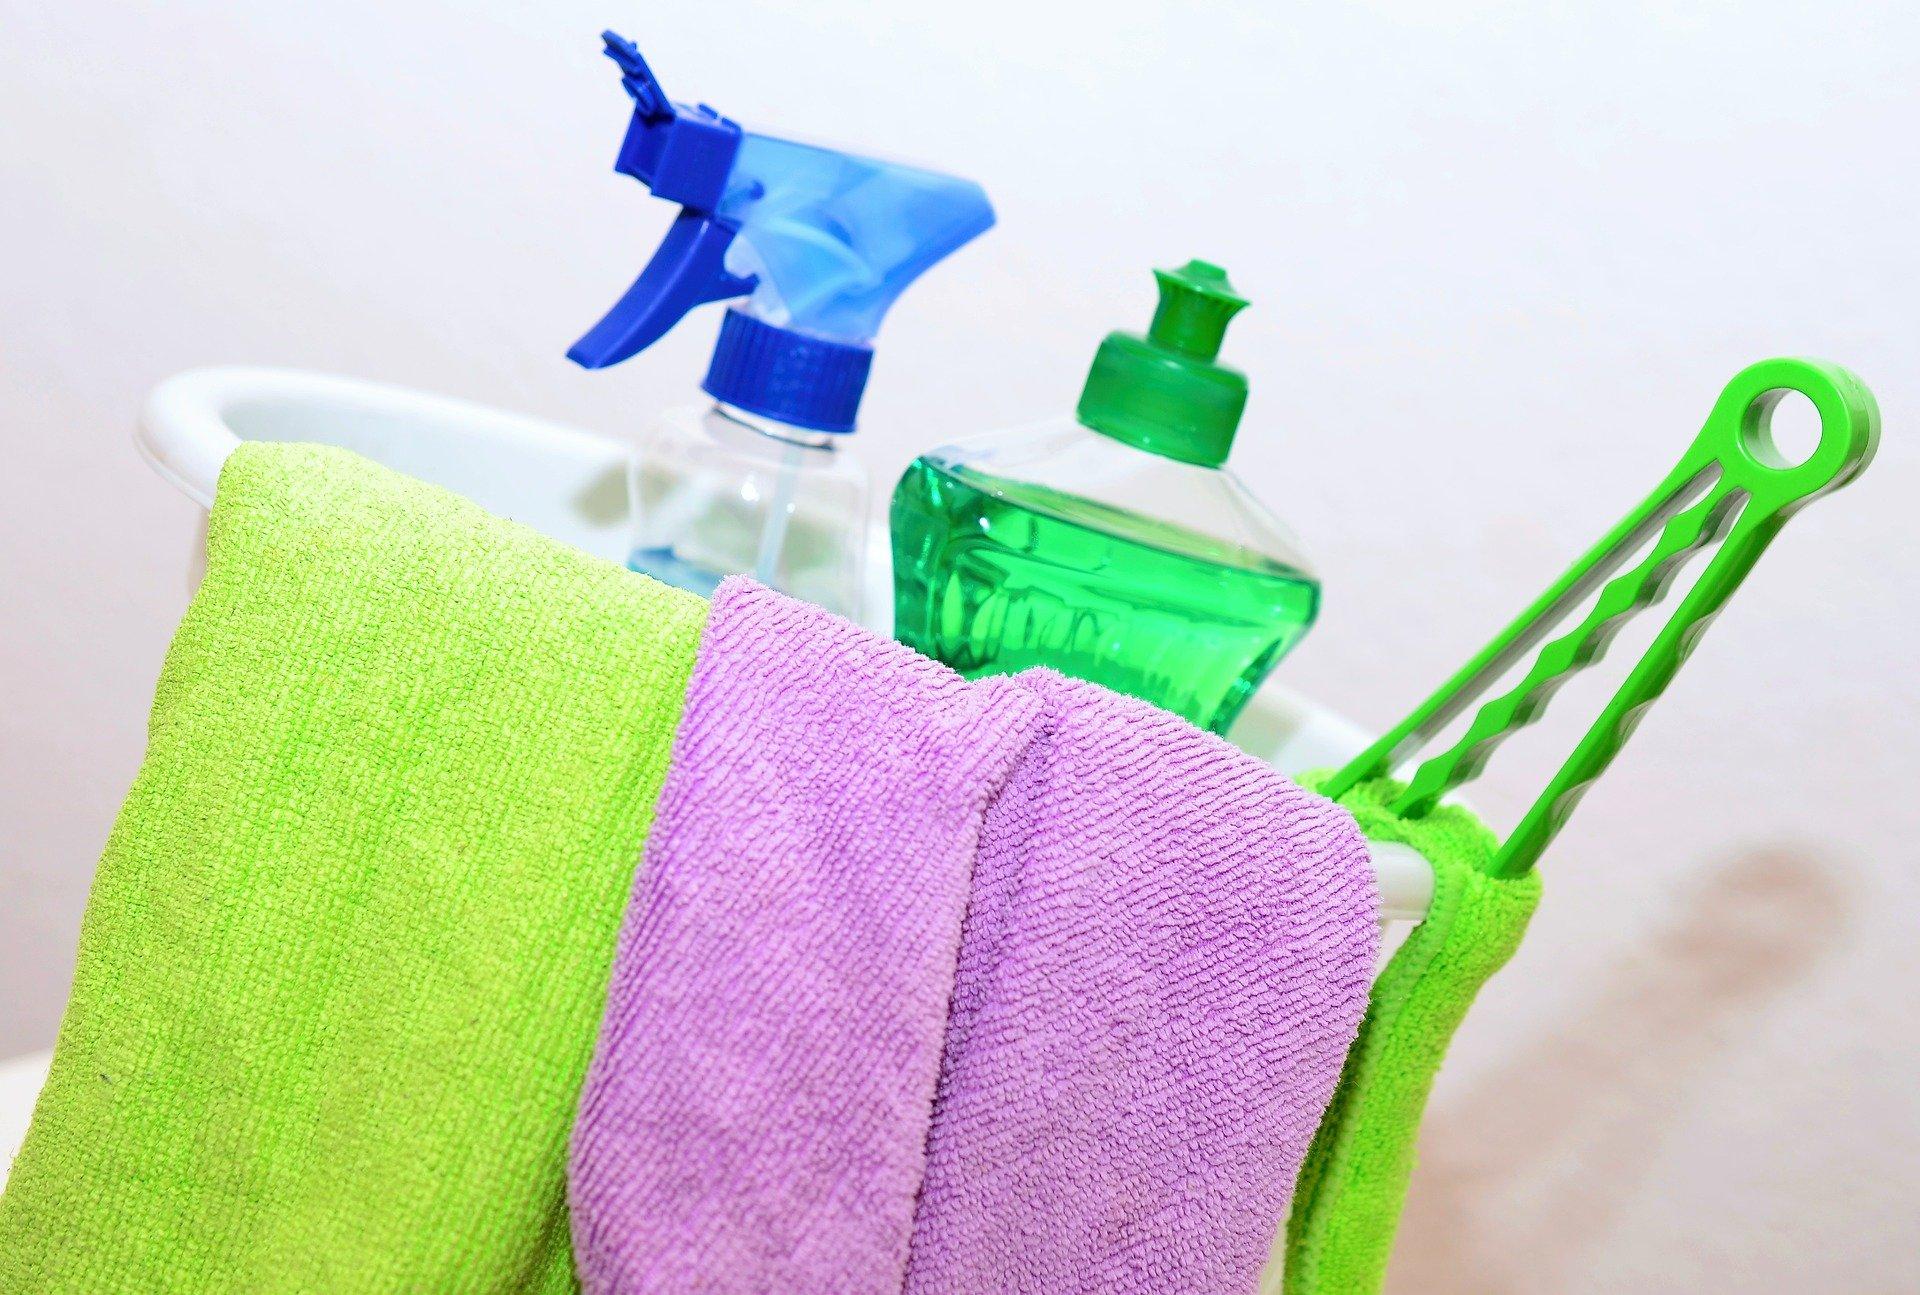 Przydatne akcesoria do sprzątania na wiosenne porządki